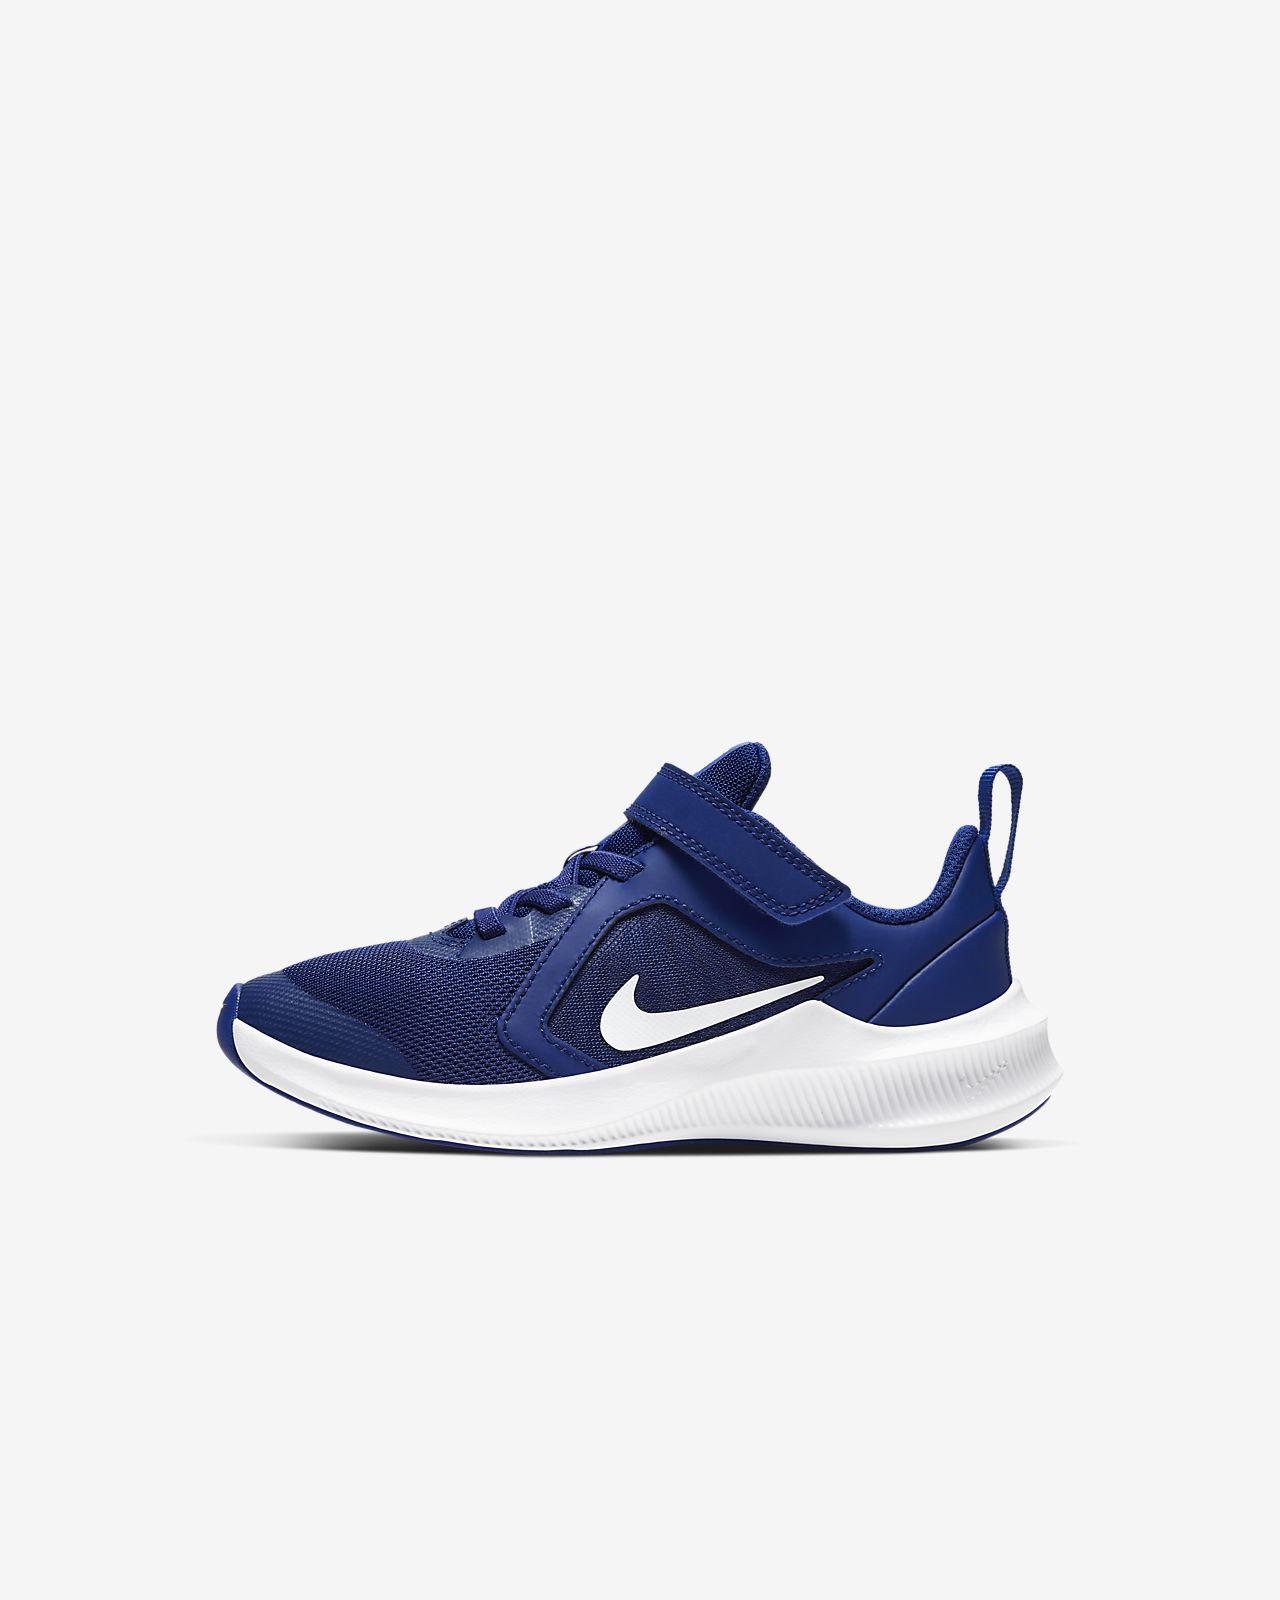 Calzado para niños talla pequeña Nike Downshifter 10